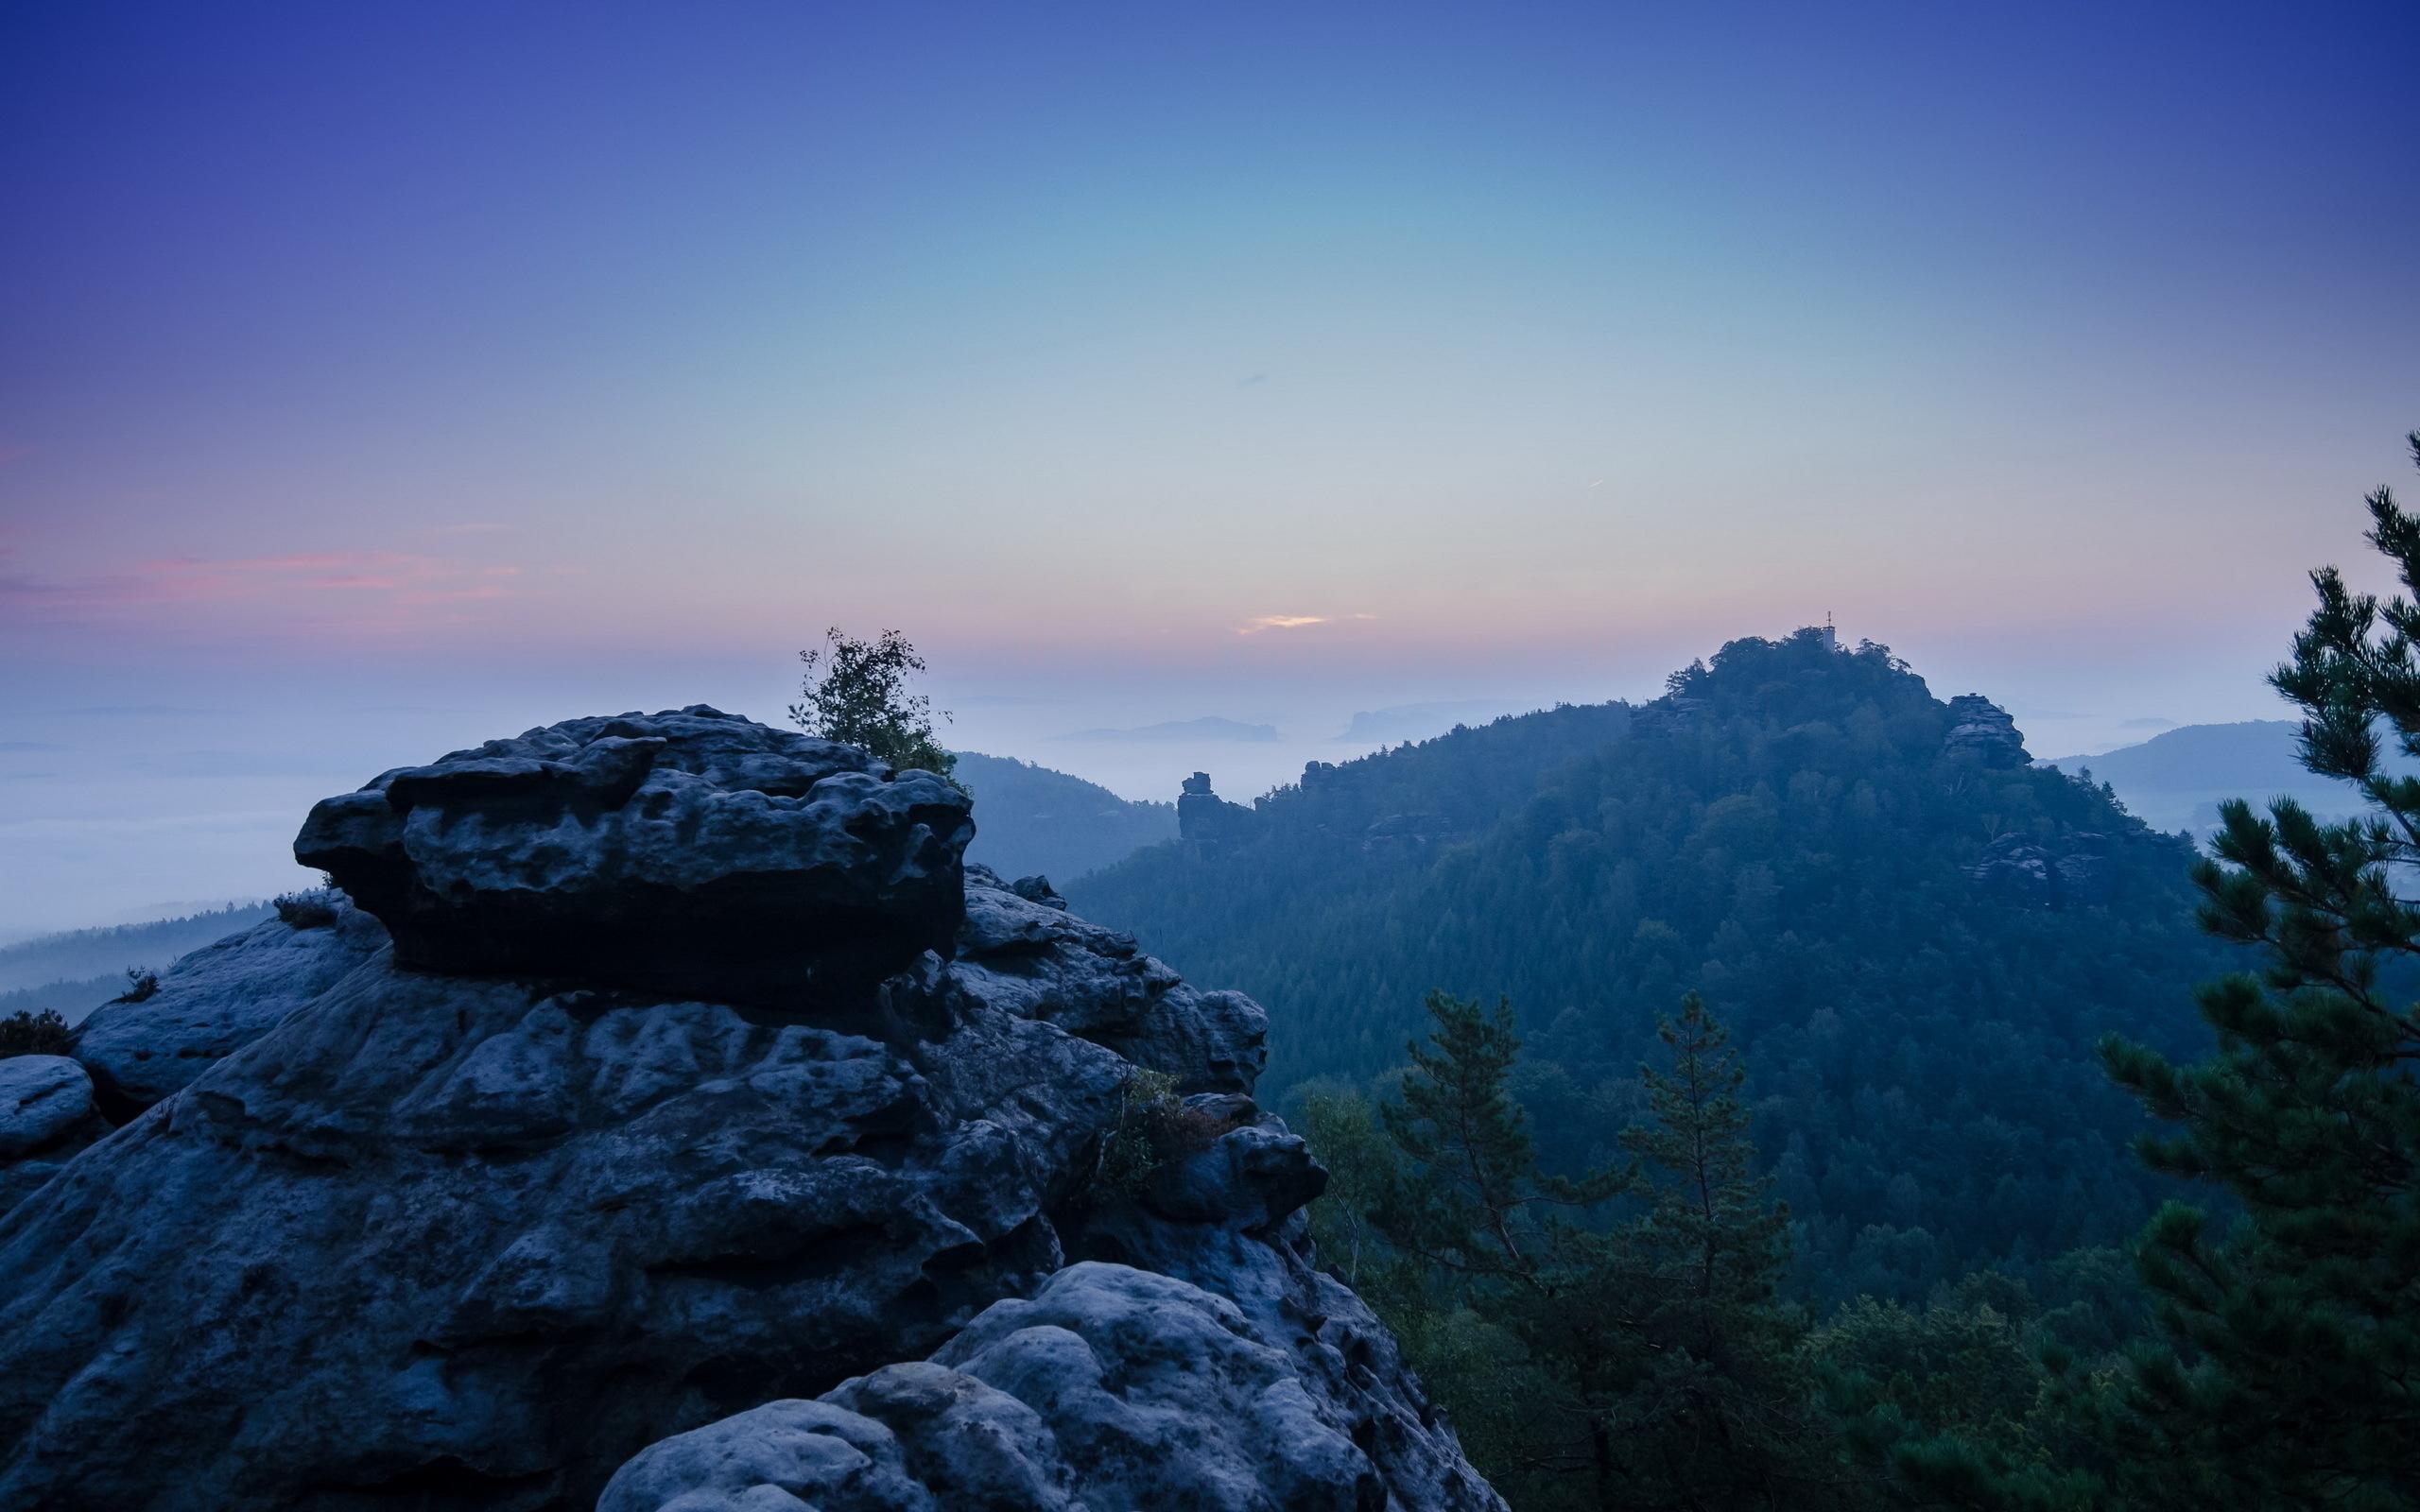 49534 télécharger le fond d'écran Paysage, Nature, Montagnes - économiseurs d'écran et images gratuitement